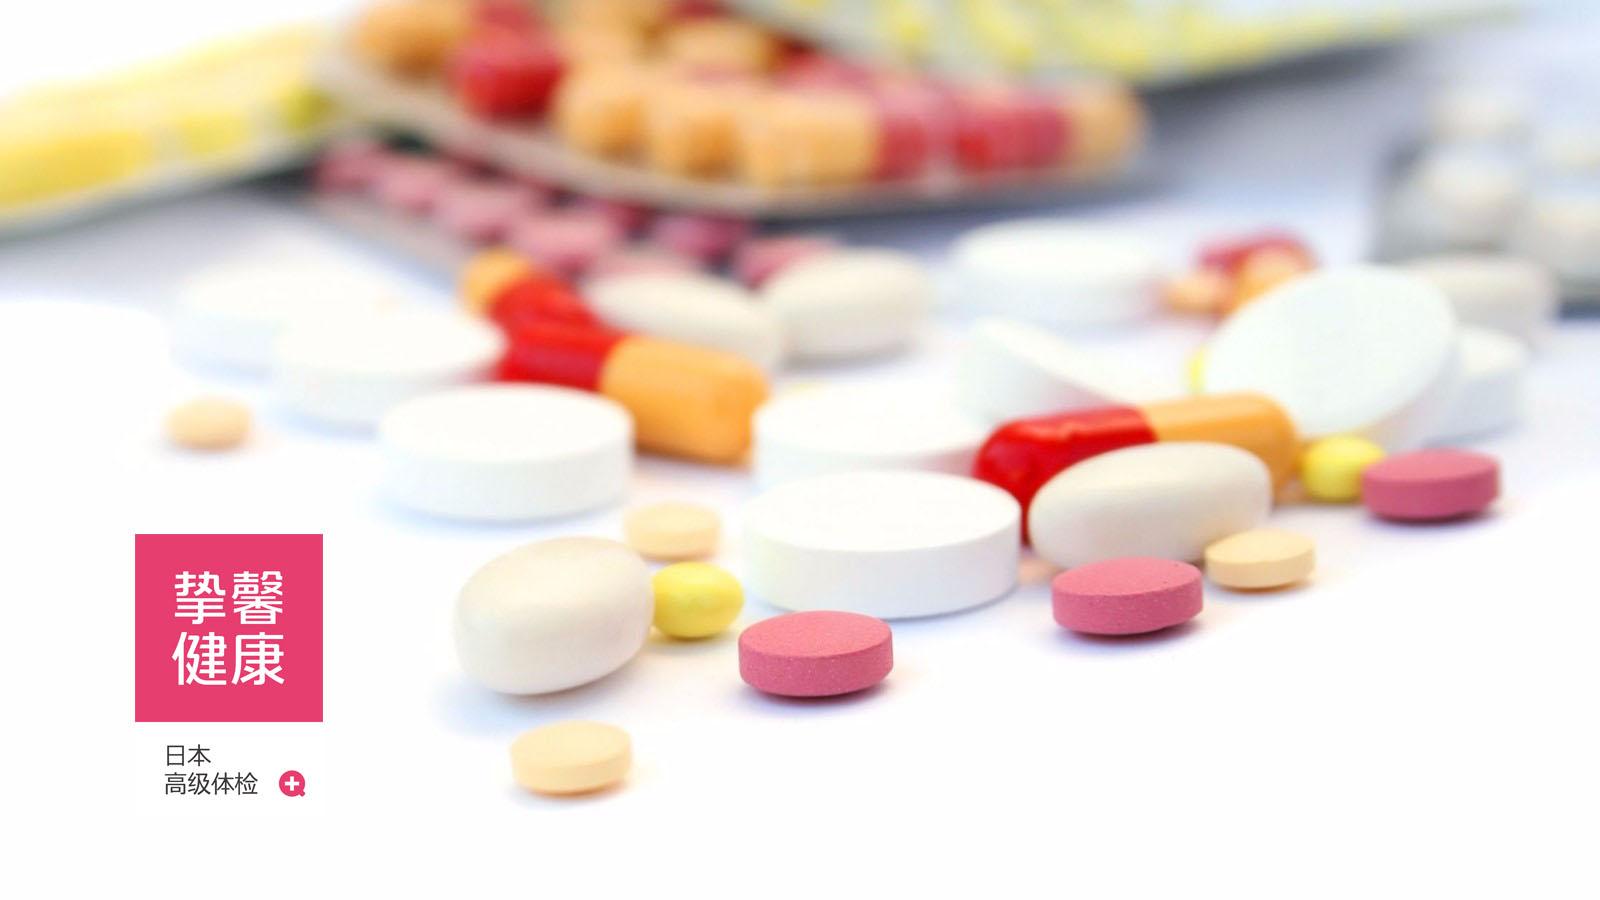 糖尿病患者需要按时服用降糖药